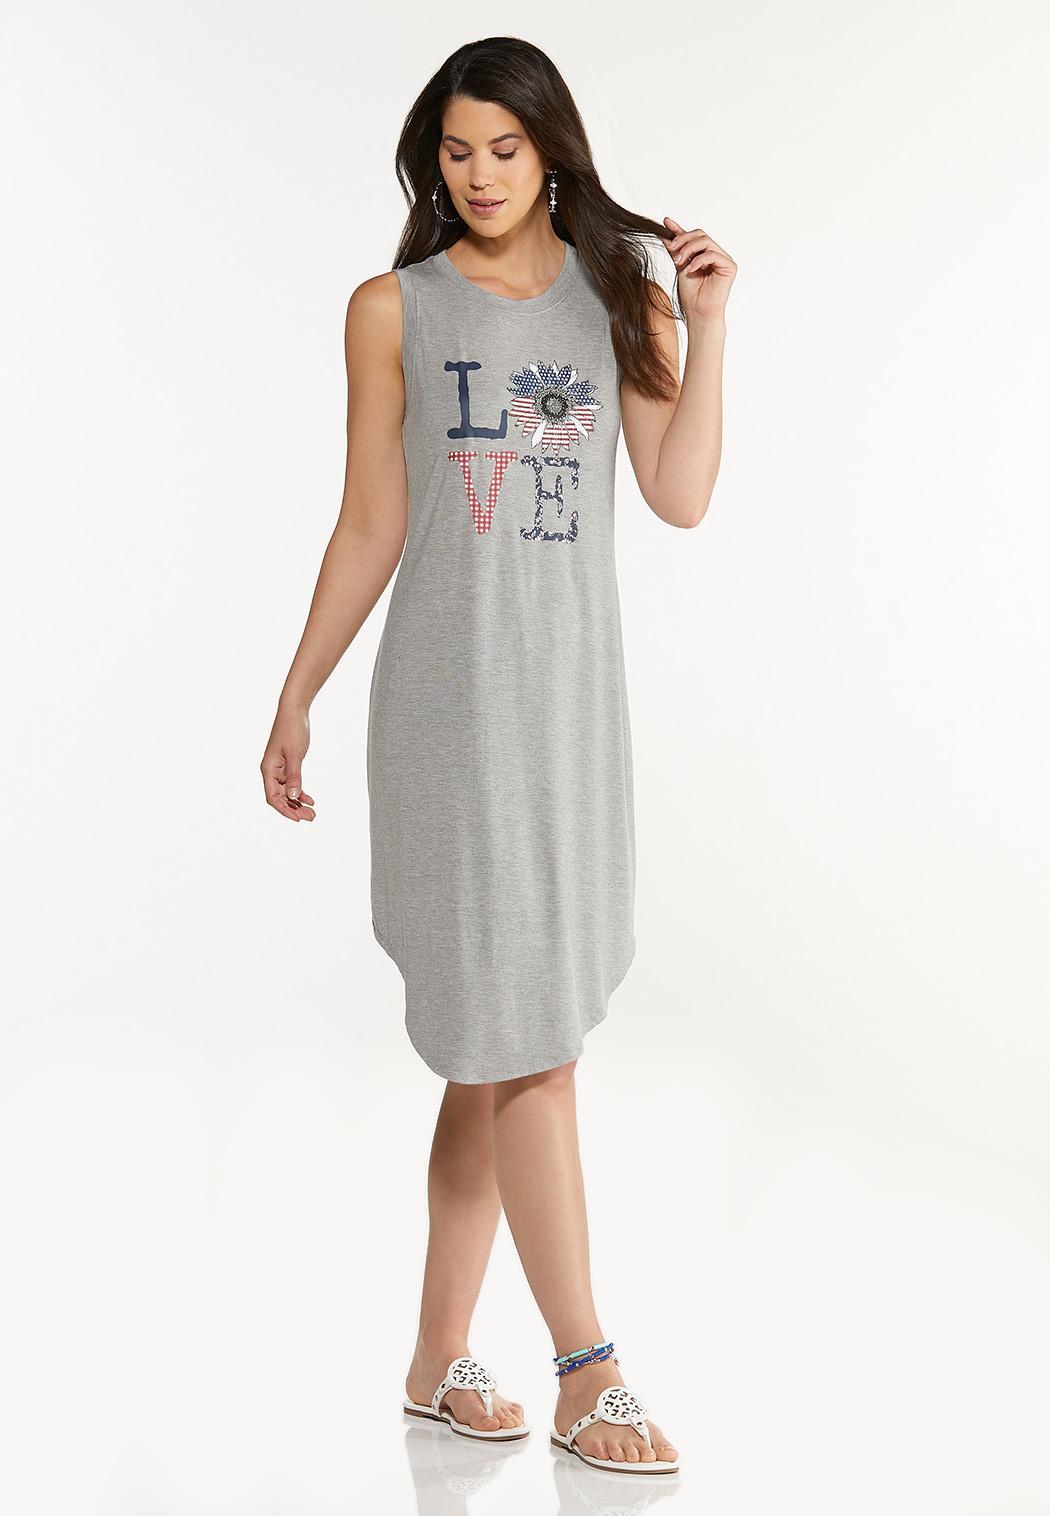 Plus Size Love Tank Dress